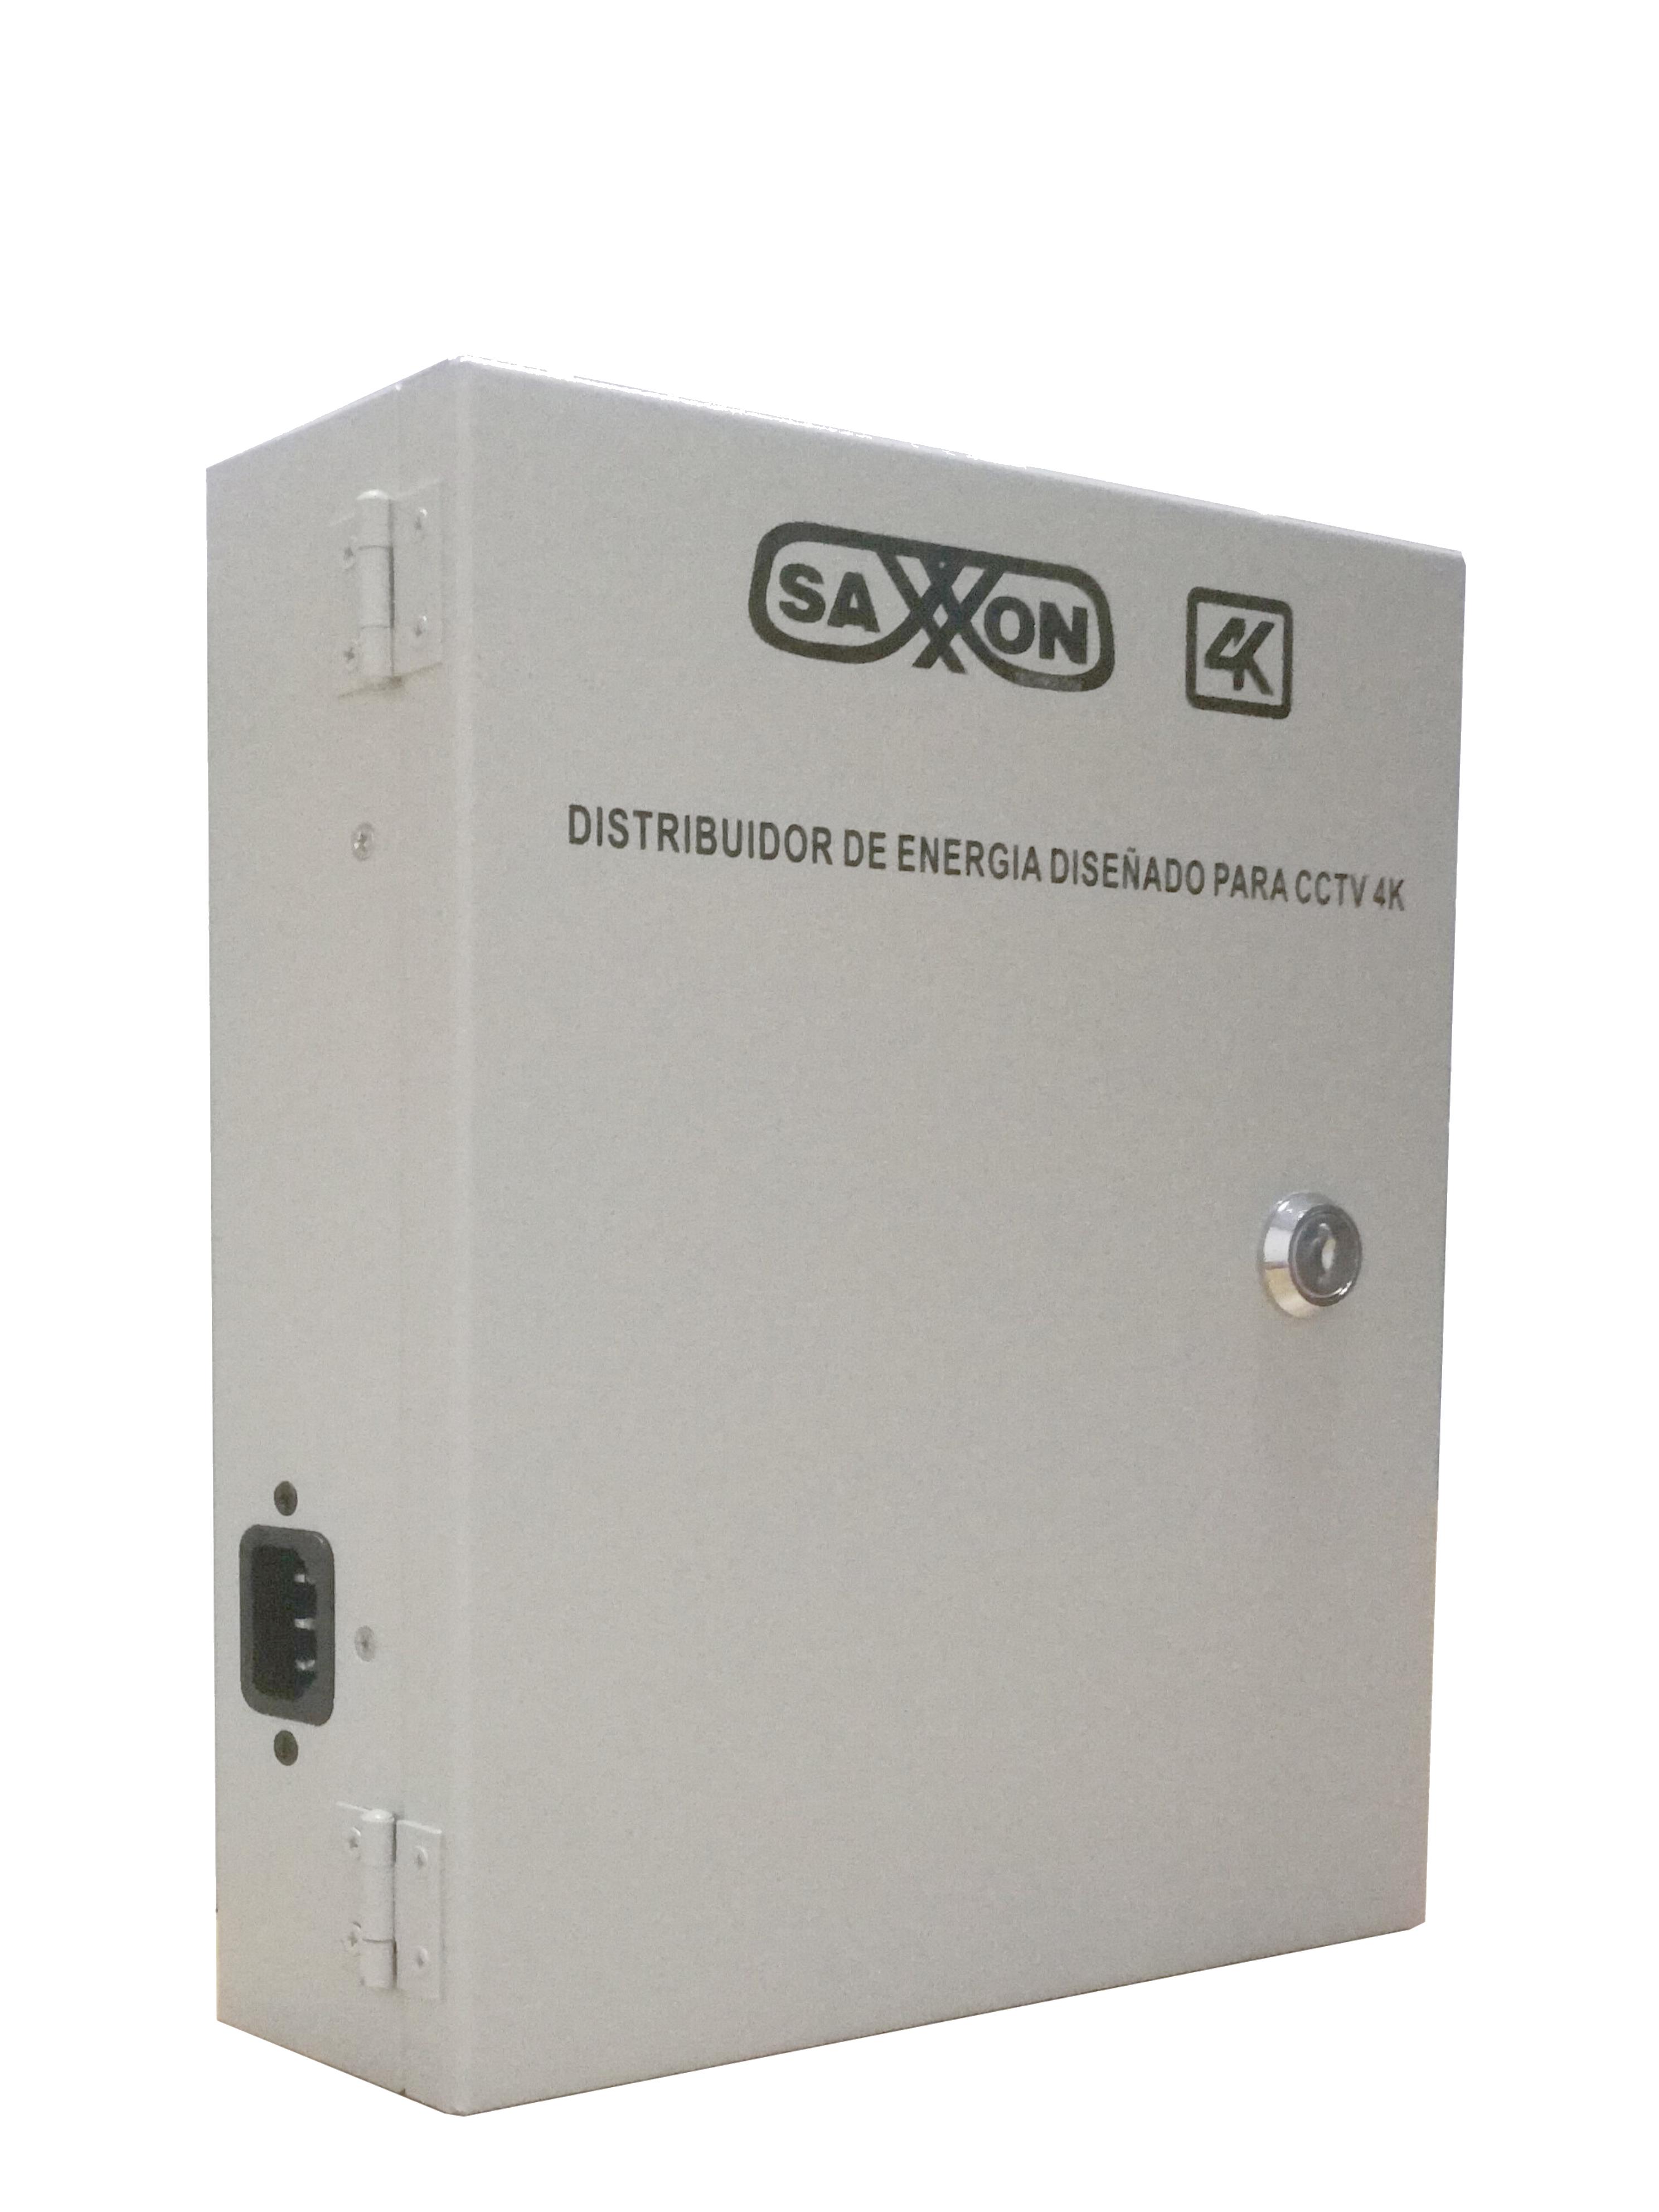 SAXXON PSU1220D16H- Fuente de poder de 11 a 15 VCD/ 20 Amperes/ Distribuidor para 16 camaras/ Ideal para camaras 4K/ 4MP/ Filtro de ruido por canal/ 1.25 AMP por canal